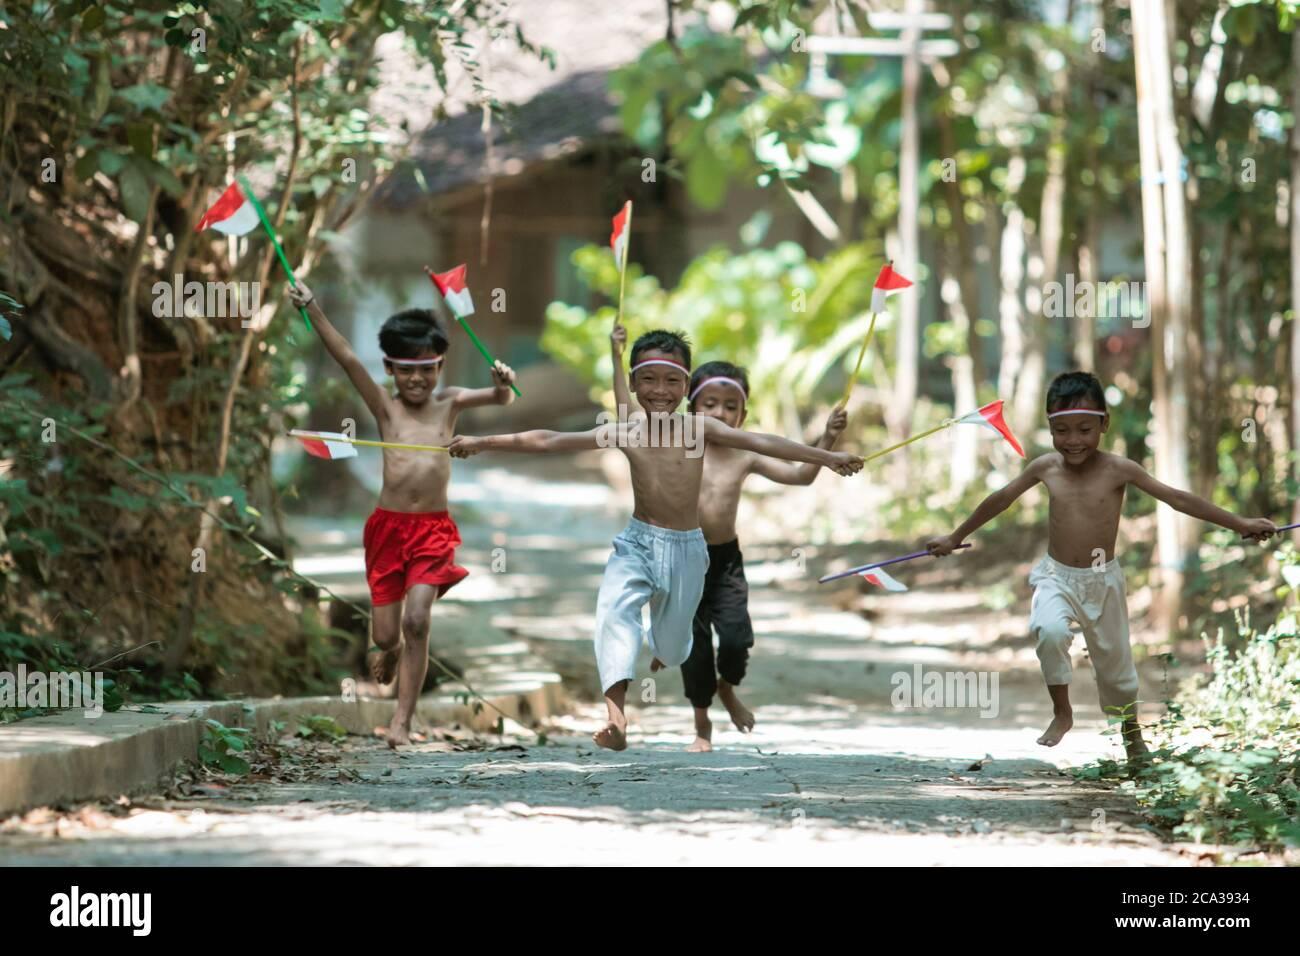 tener un grupo divertido de niños corriendo sin ropa persiguiendo a cada uno otros cuando se mantiene pequeña la bandera roja y blanca y. se levantó la bandera contra un fondo de árbol Foto de stock